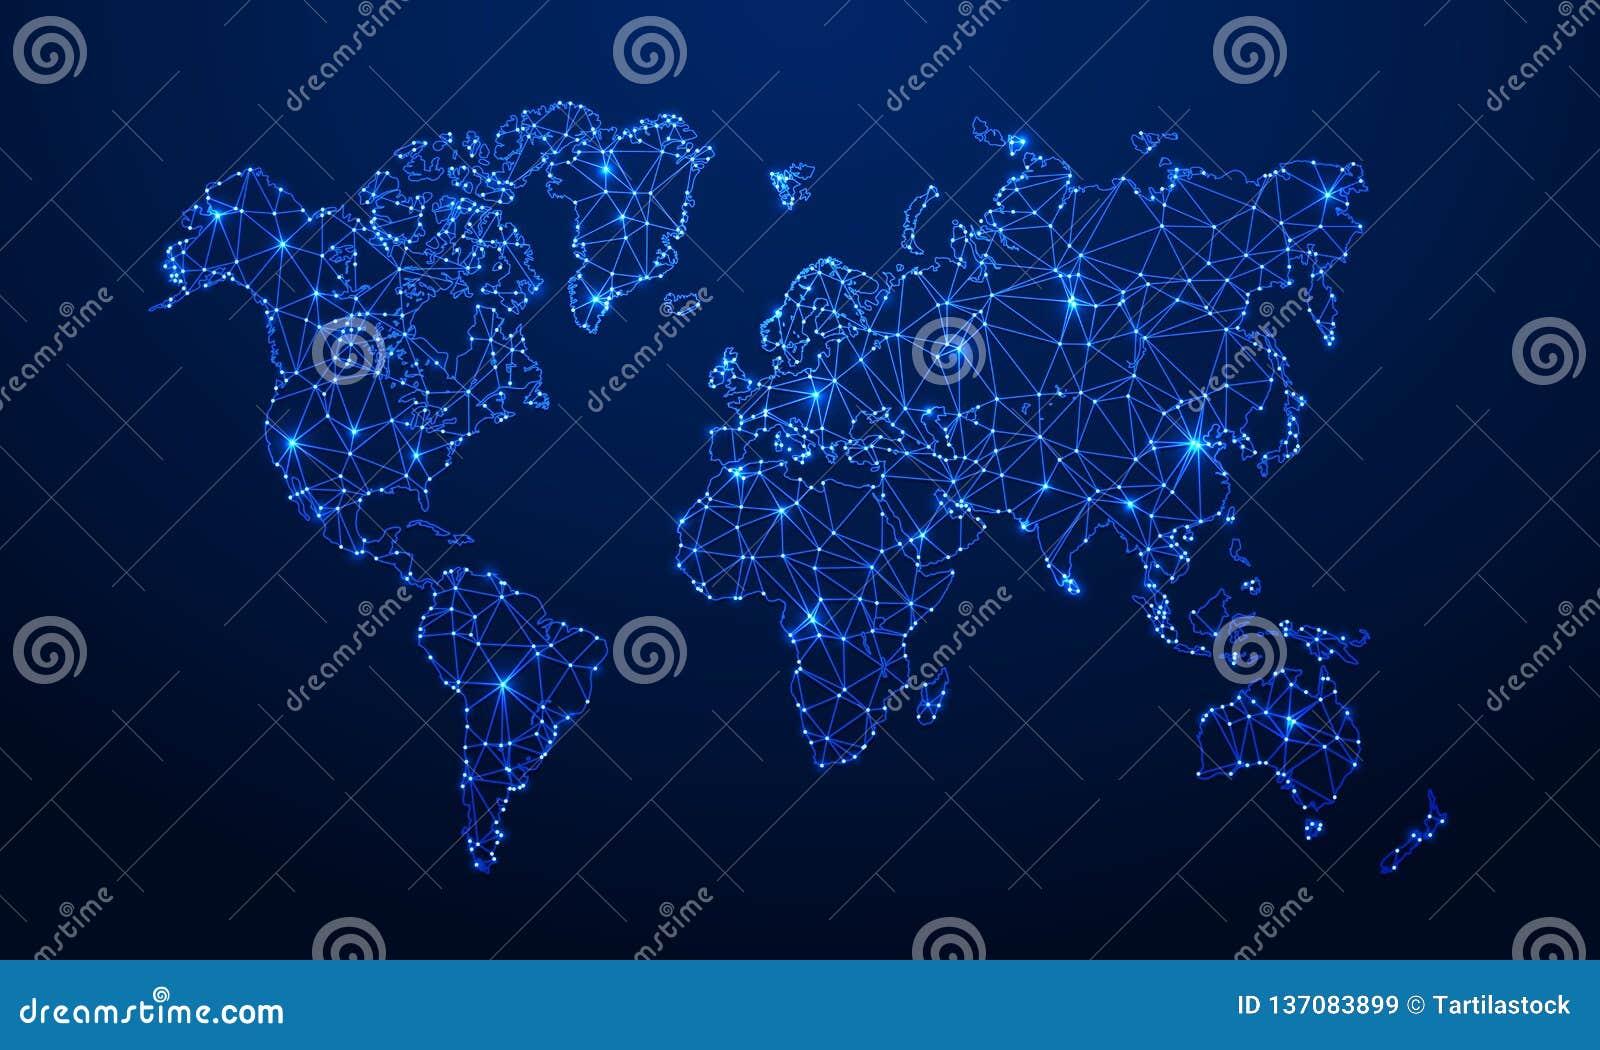 多角形地图 数字地球地图,蓝色多角形接地地图和世界互联网连接3d栅格传染媒介概念